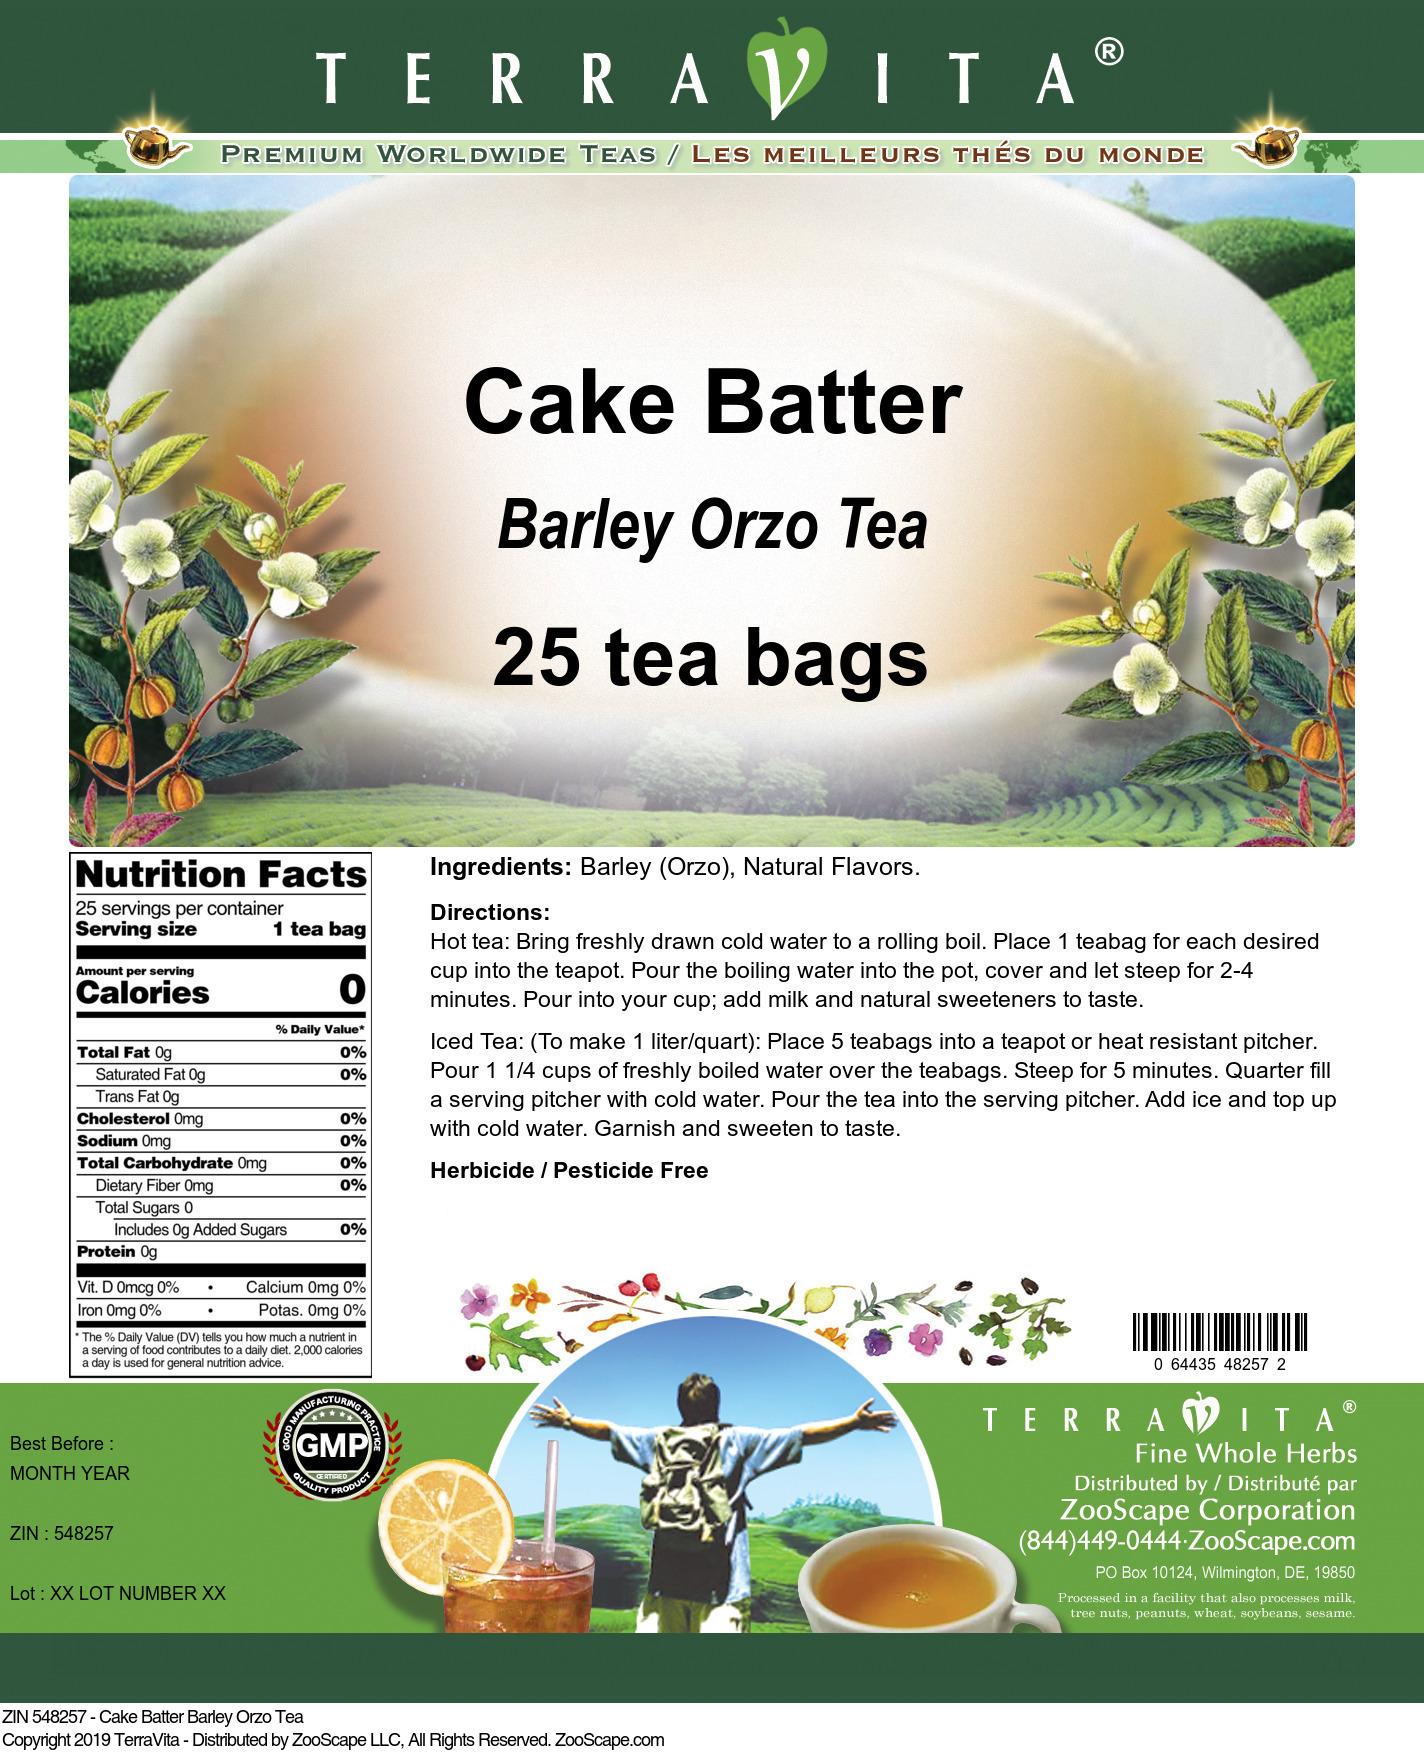 Cake Batter Barley Orzo Tea